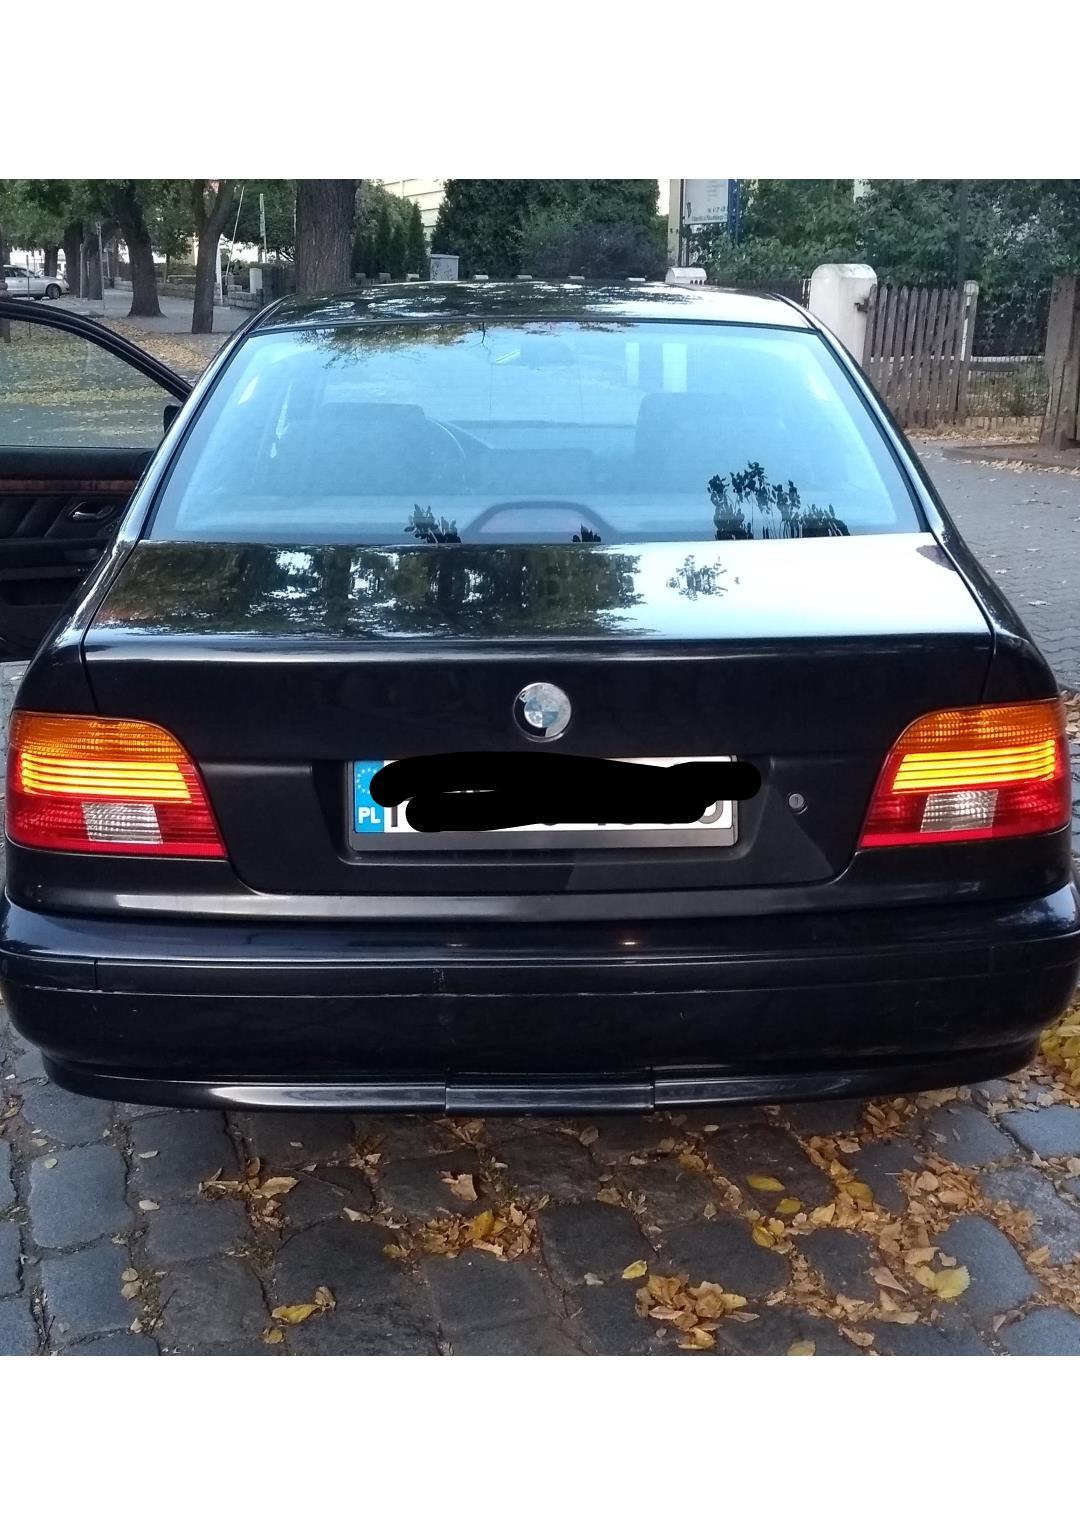 BMW Seria 5 E39 (1996-2003) Czarne BMW E39 klasyka gatunku 2